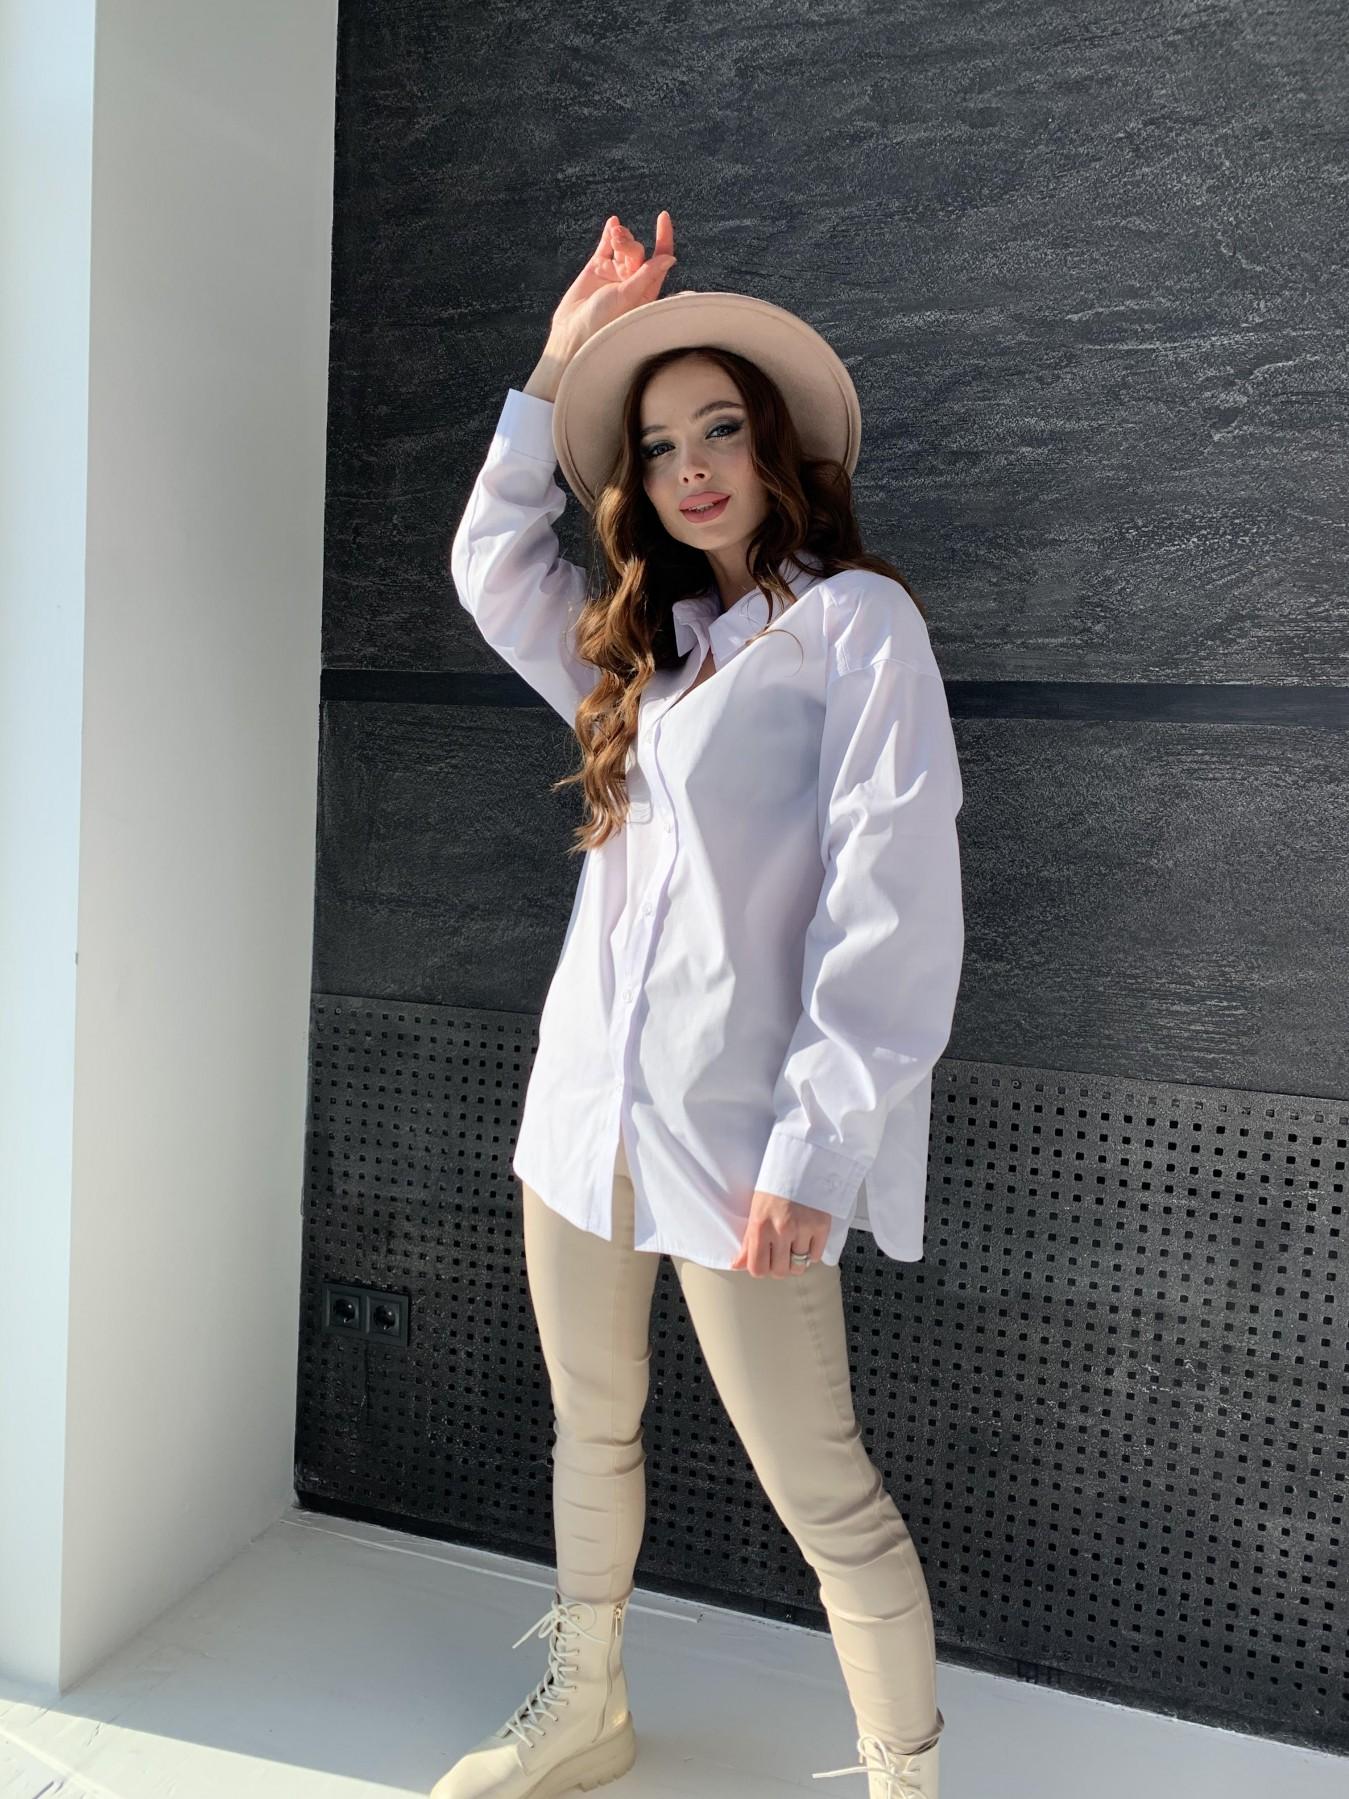 Найс рубашка из хлопковой ткани 10808 АРТ. 47287 Цвет: Белый - фото 8, интернет магазин tm-modus.ru